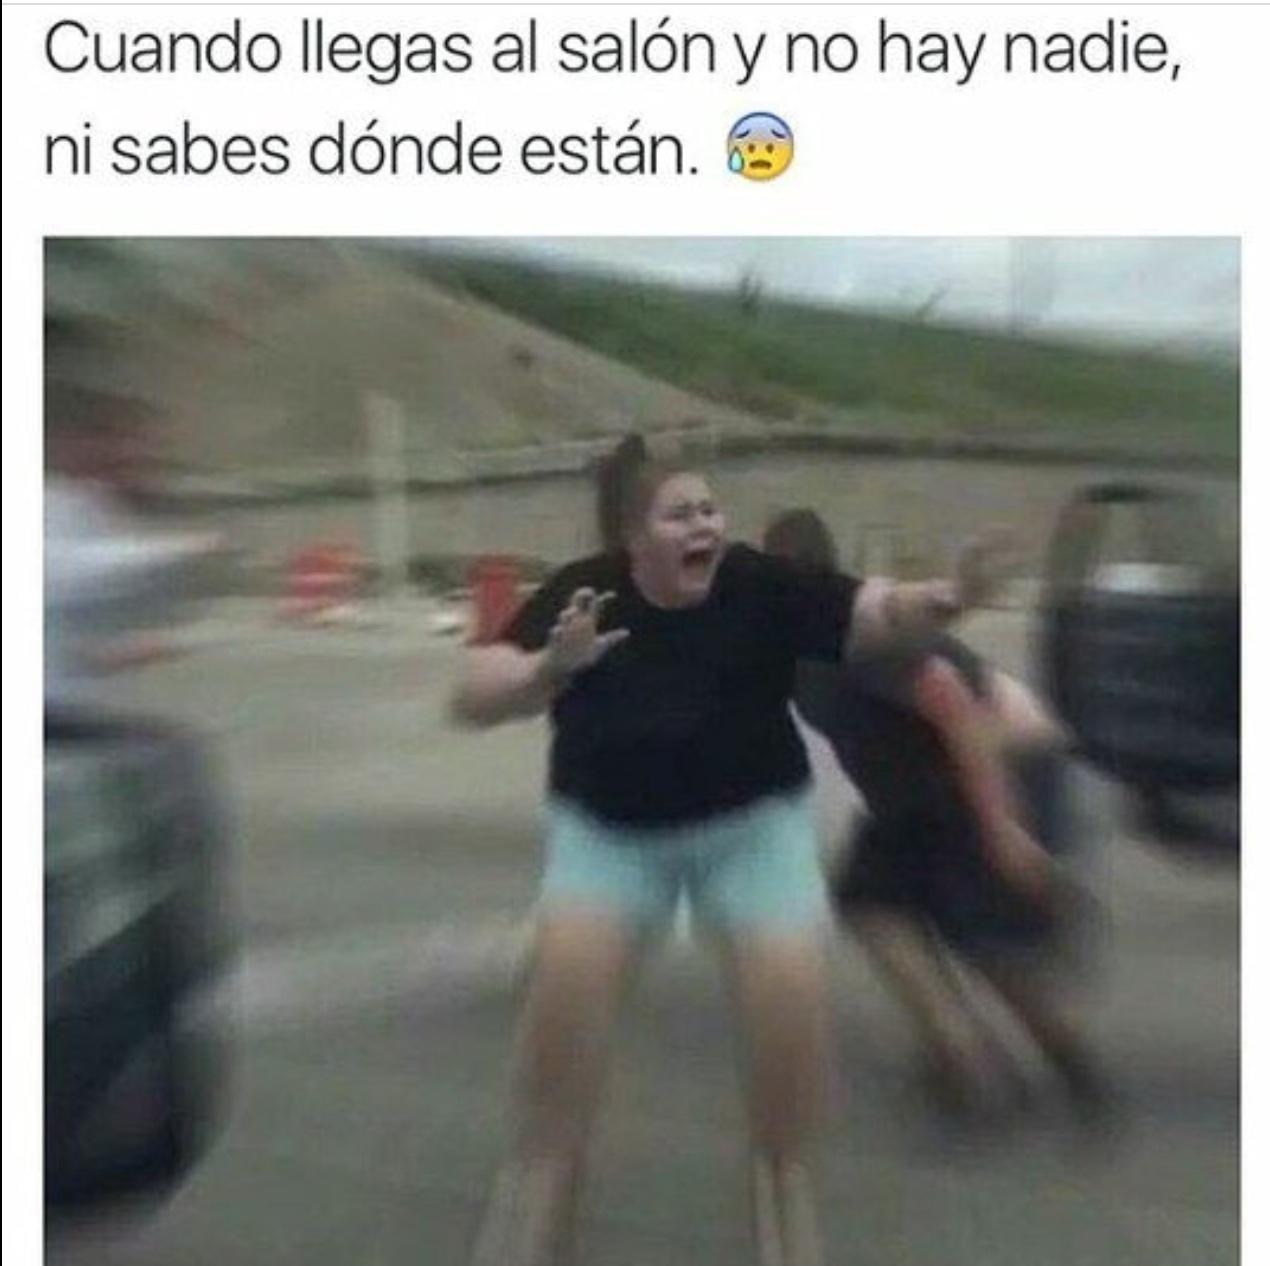 pasa xdxdDxDxd - meme